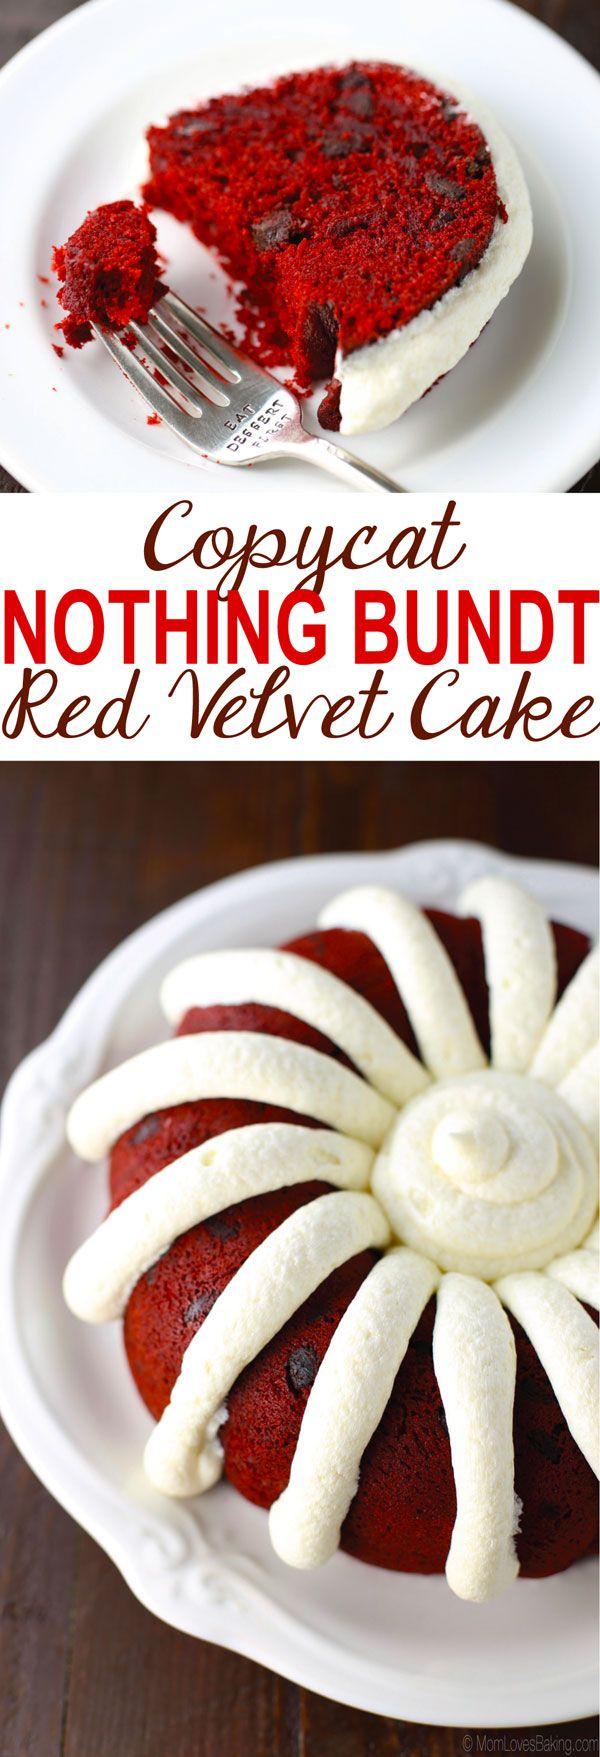 Nothing Bundt Cake Carrot Cake Recipe